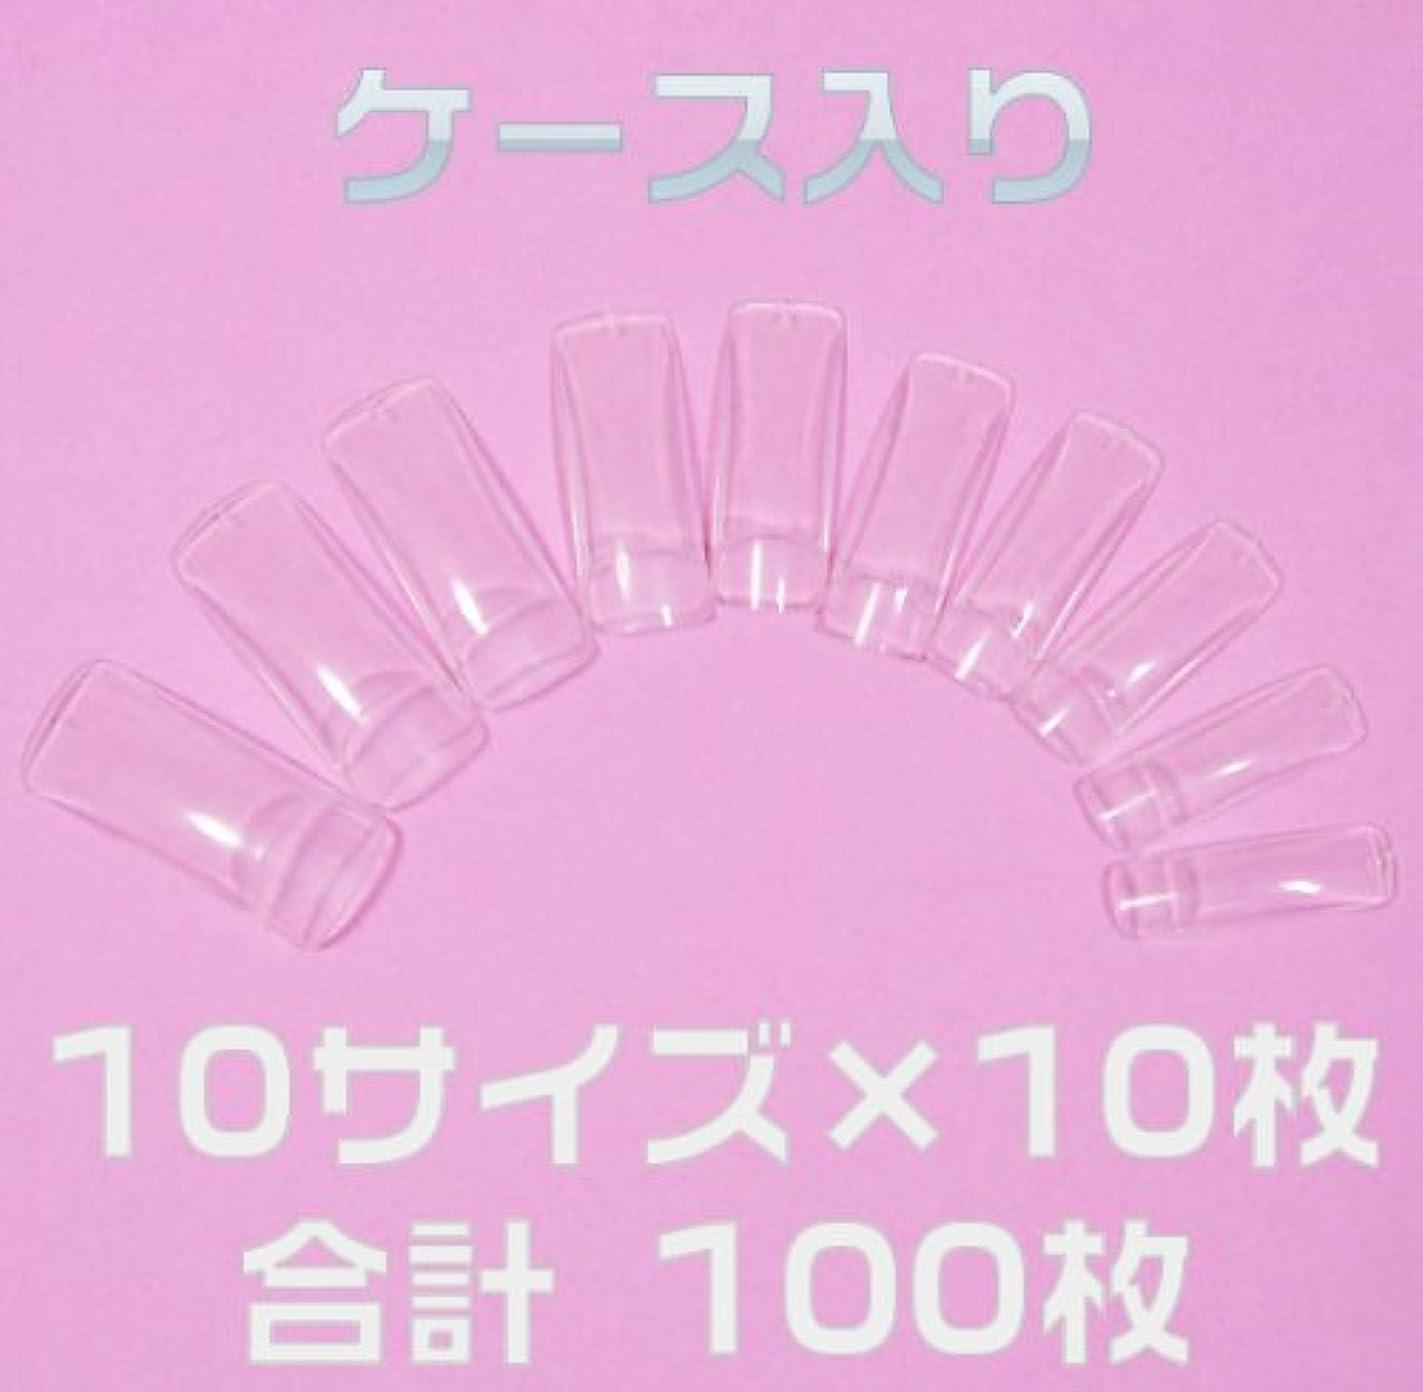 ネイルチップ チップオーバーレイ用 クリア 100枚[#c3] つけ爪付け爪